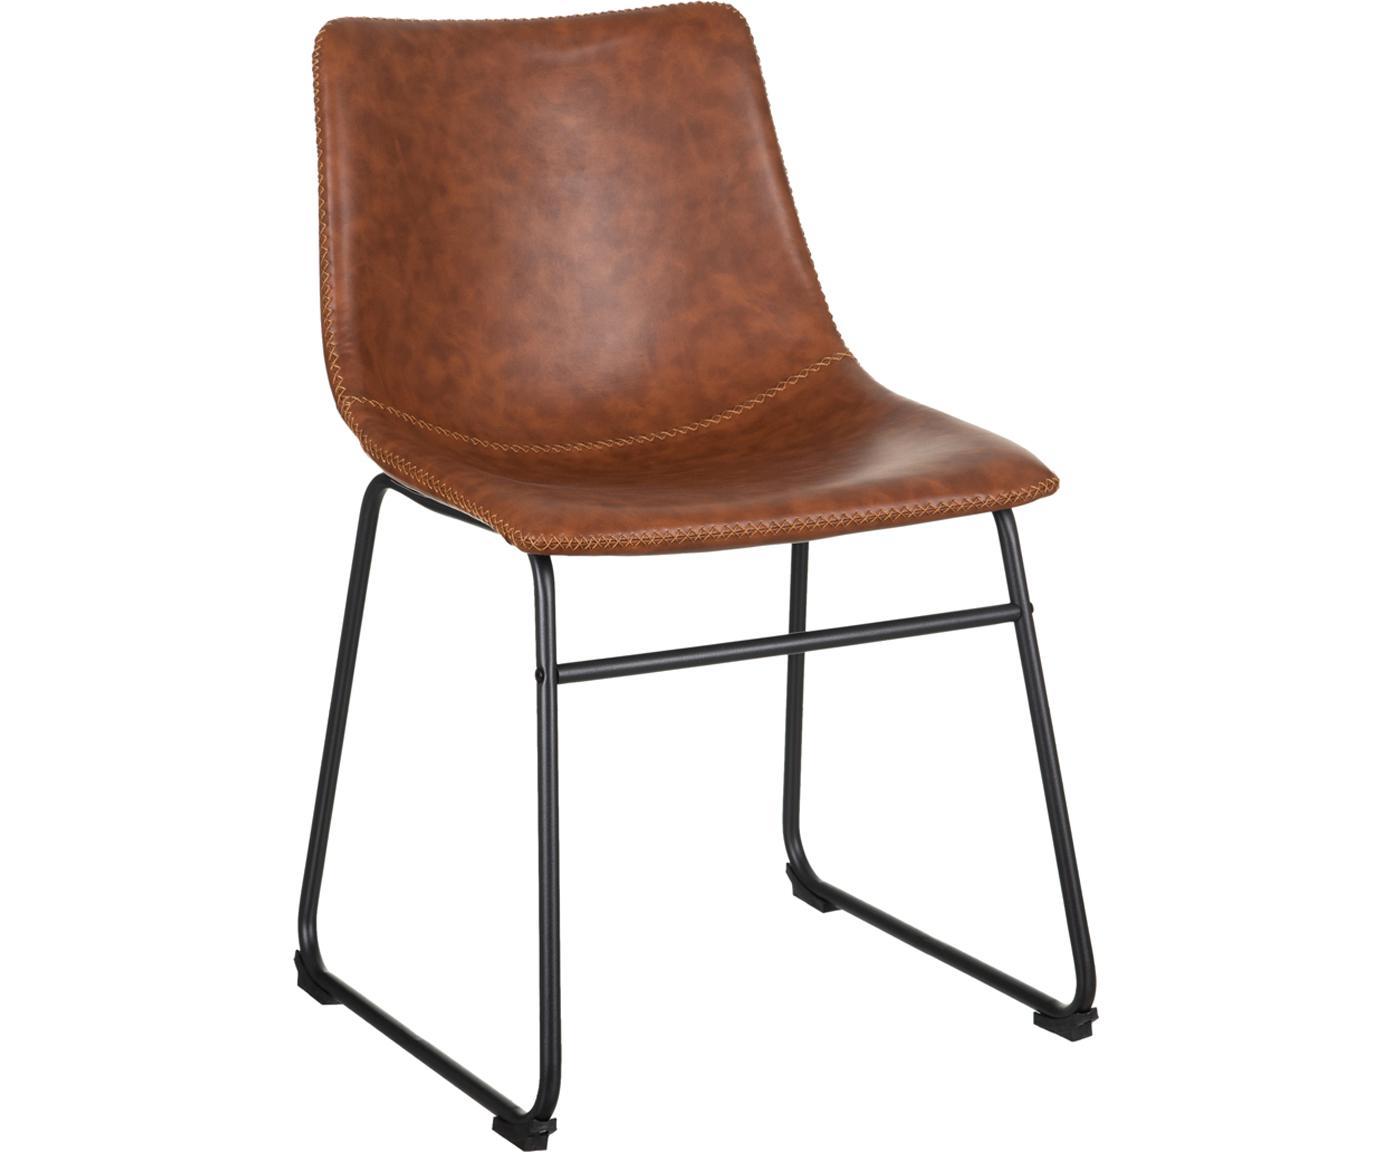 Kunstleren stoel Almeria, Polyurethaan, metaal, Bruin, B 54 x D 48 cm